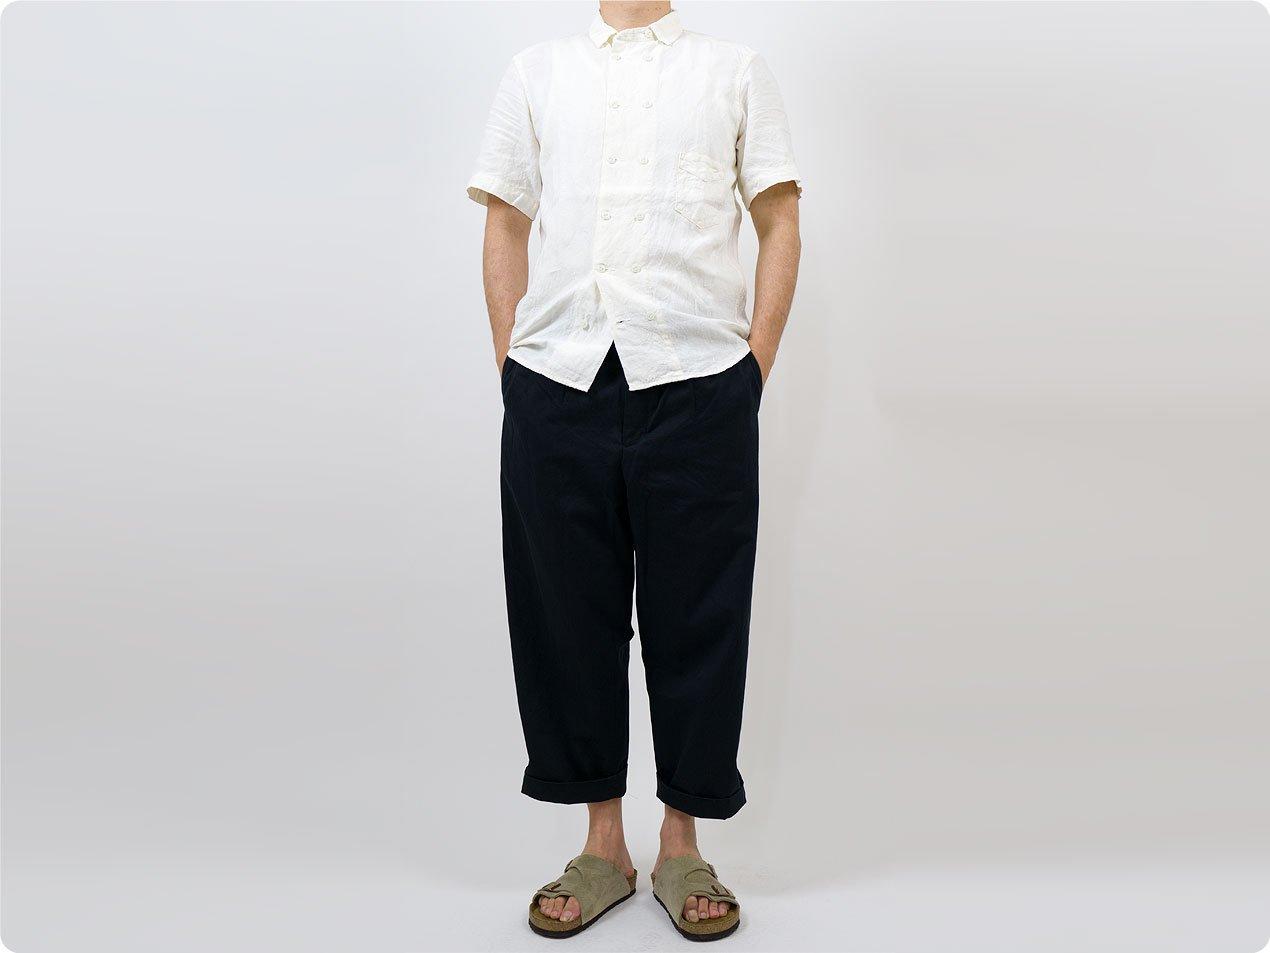 【別注】 TATAMIZE DOUBLE BRESTED LINEN S/S SHIRTS OFF WHITE